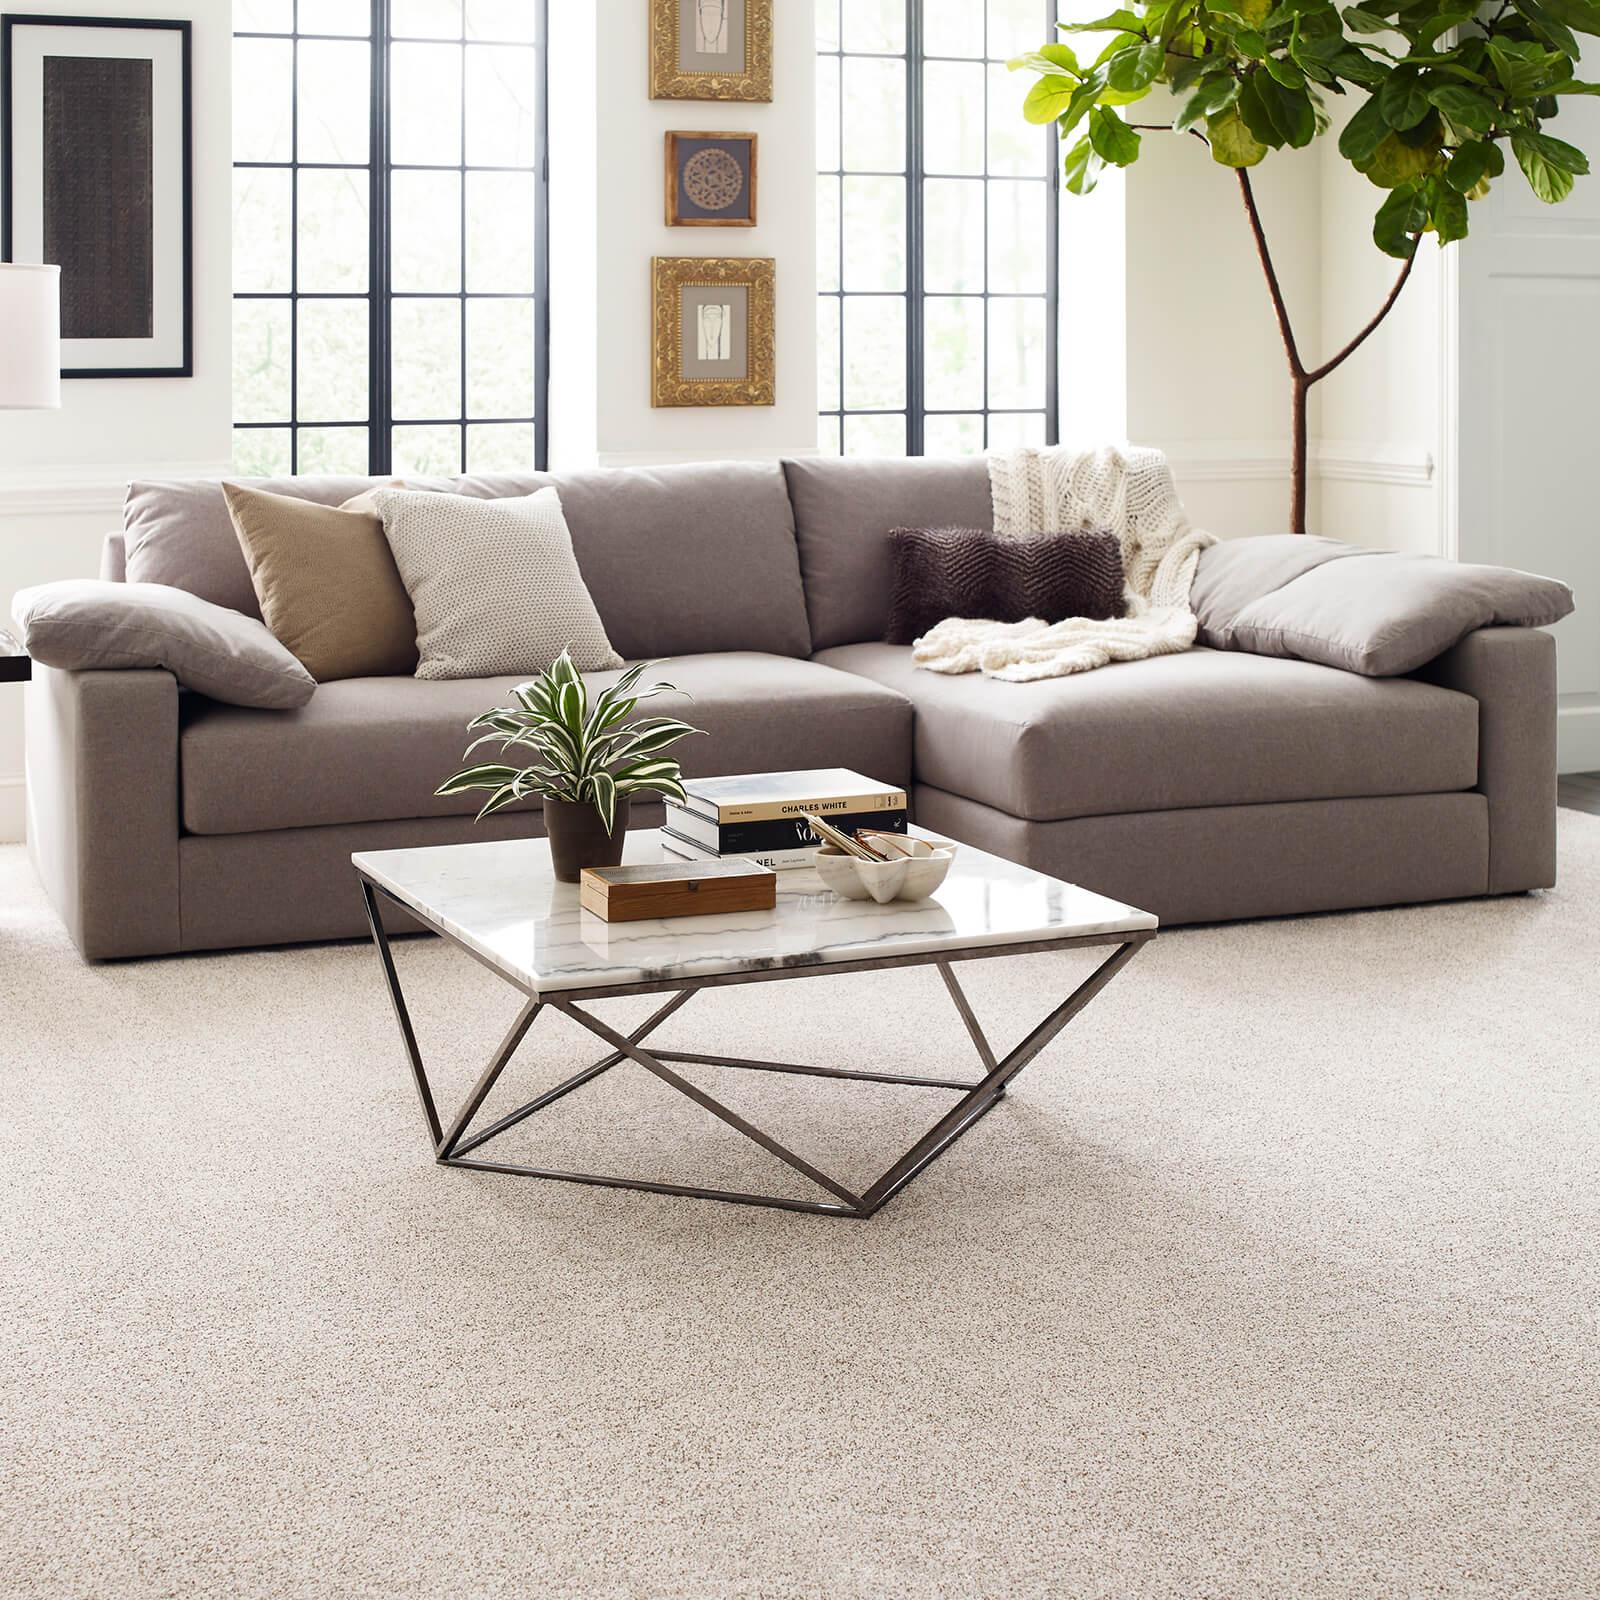 Carpet in living room | J/K Carpet Center, Inc